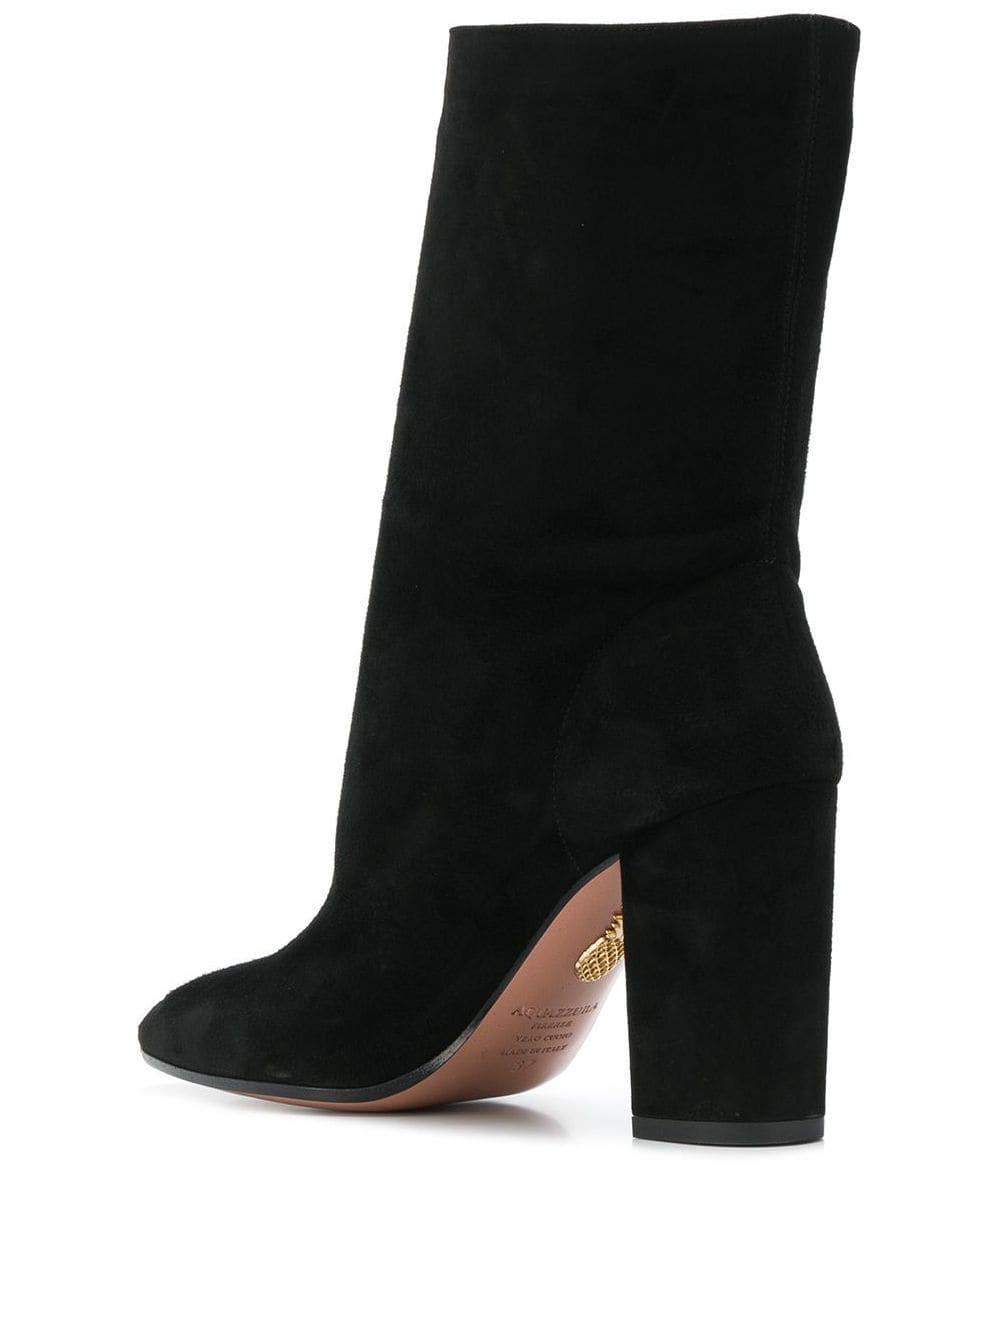 Botas con caña media y tacón grueso Aquazzura de Cuero de color Negro